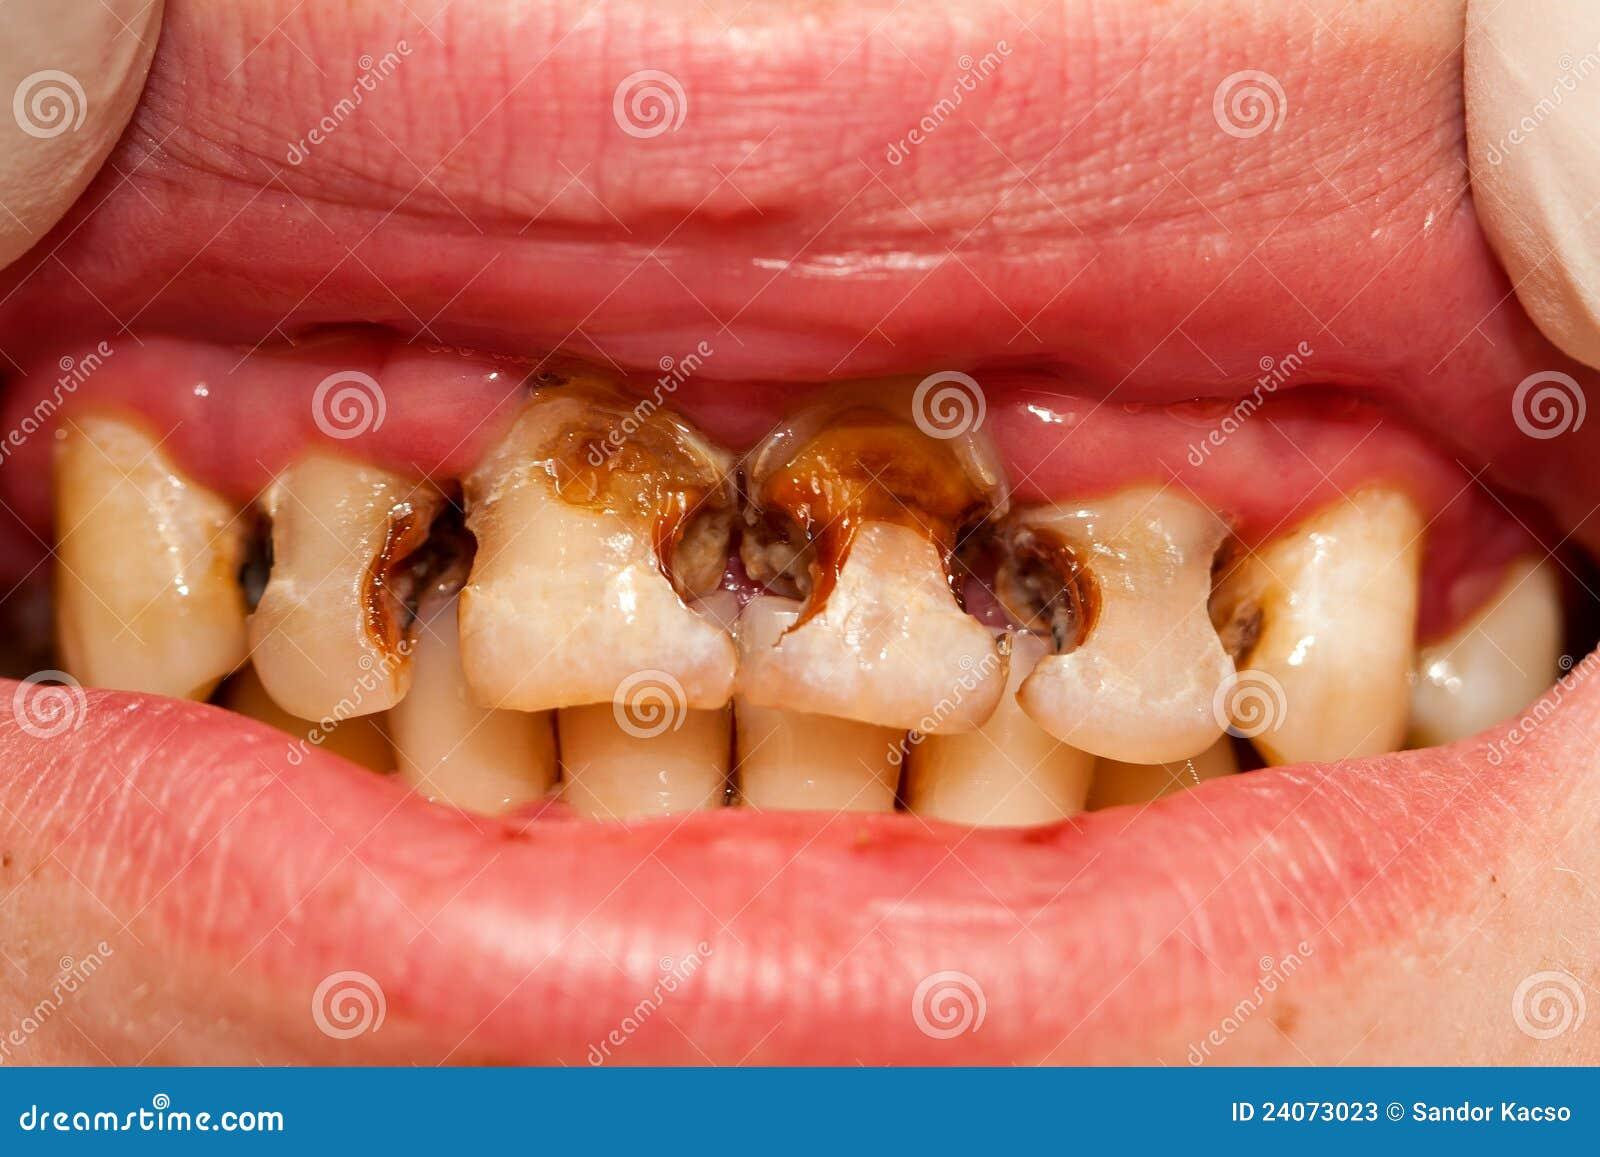 Erfreut Zahnanatomie Der Zähne Bilder - Physiologie Von Menschlichen ...